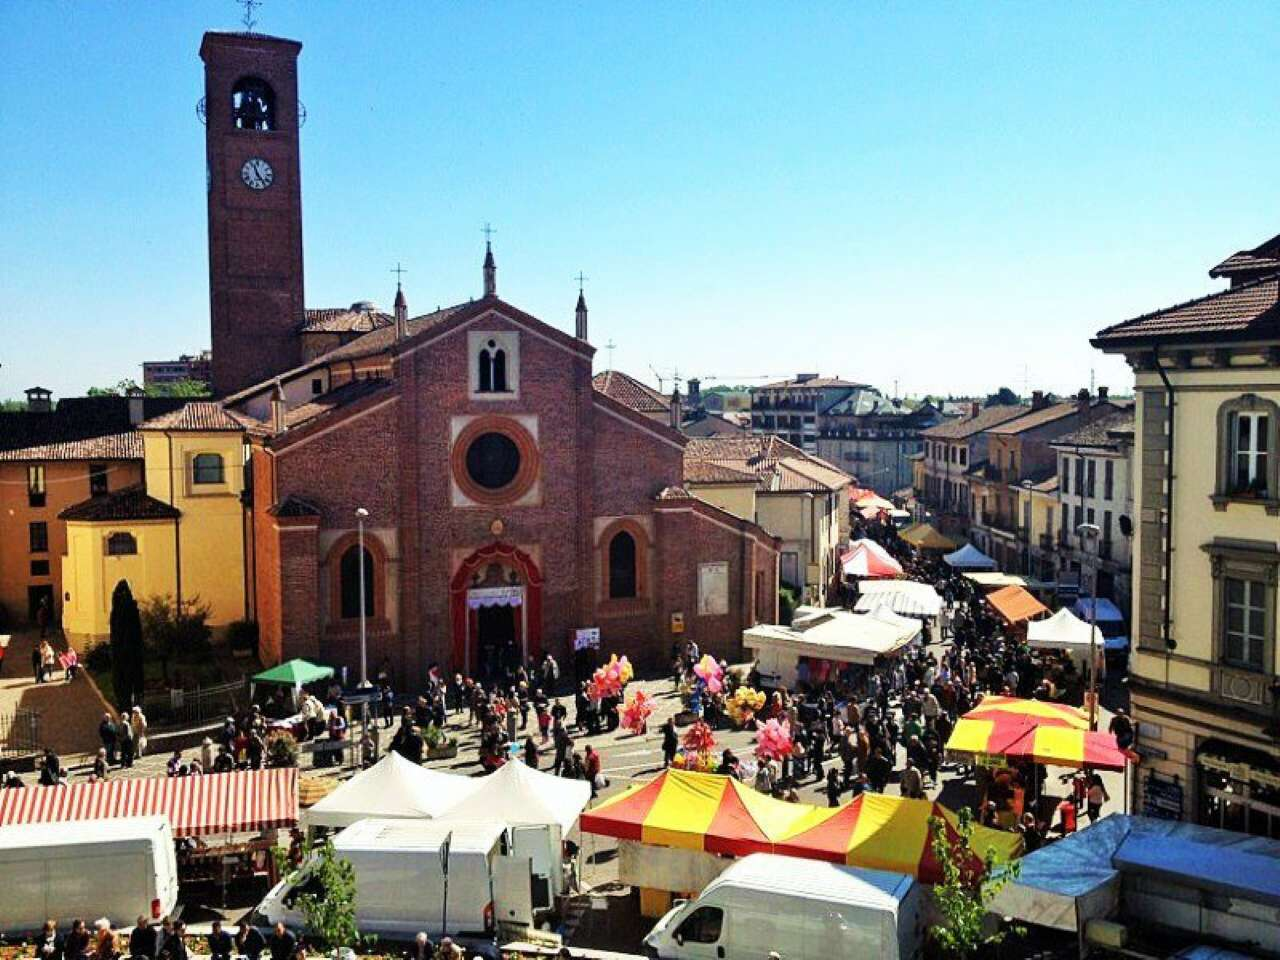 Ristorante / Pizzeria / Trattoria in vendita a Melegnano, 3 locali, Trattative riservate | CambioCasa.it